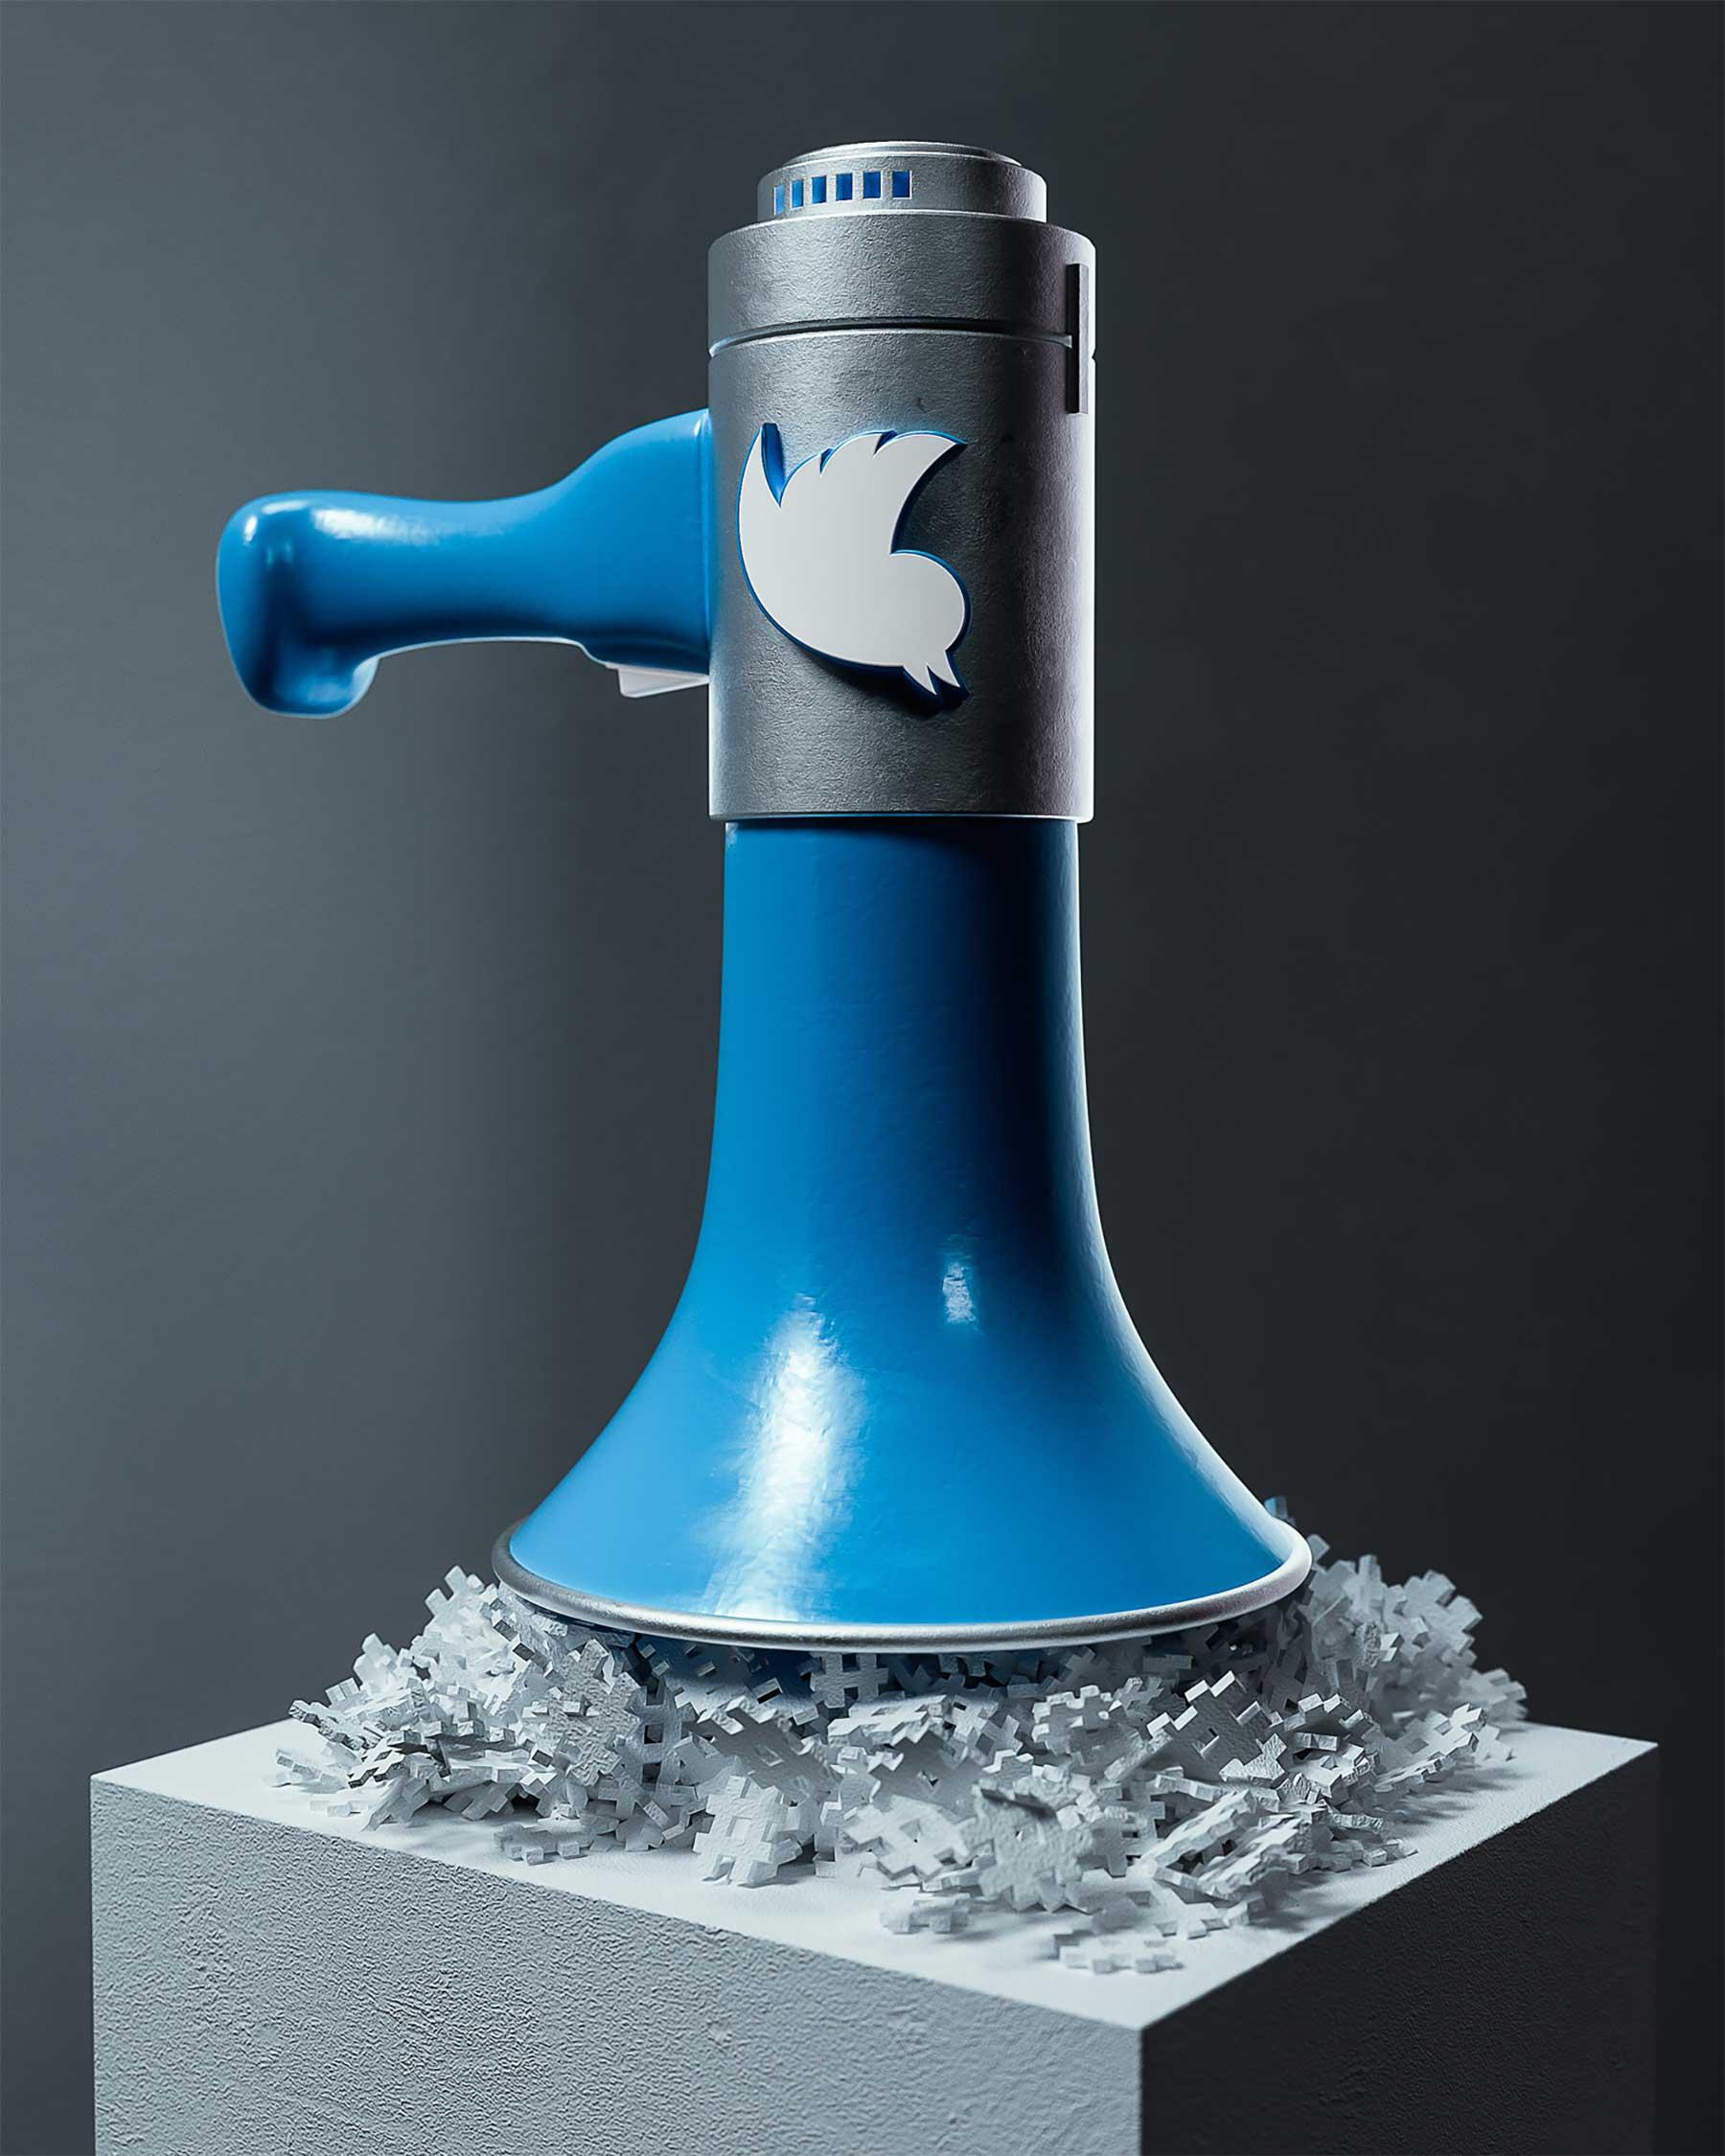 Soziale Netzwerke als visuelle Metaphern Social-Media-Reality-Ben-Fearnley_04